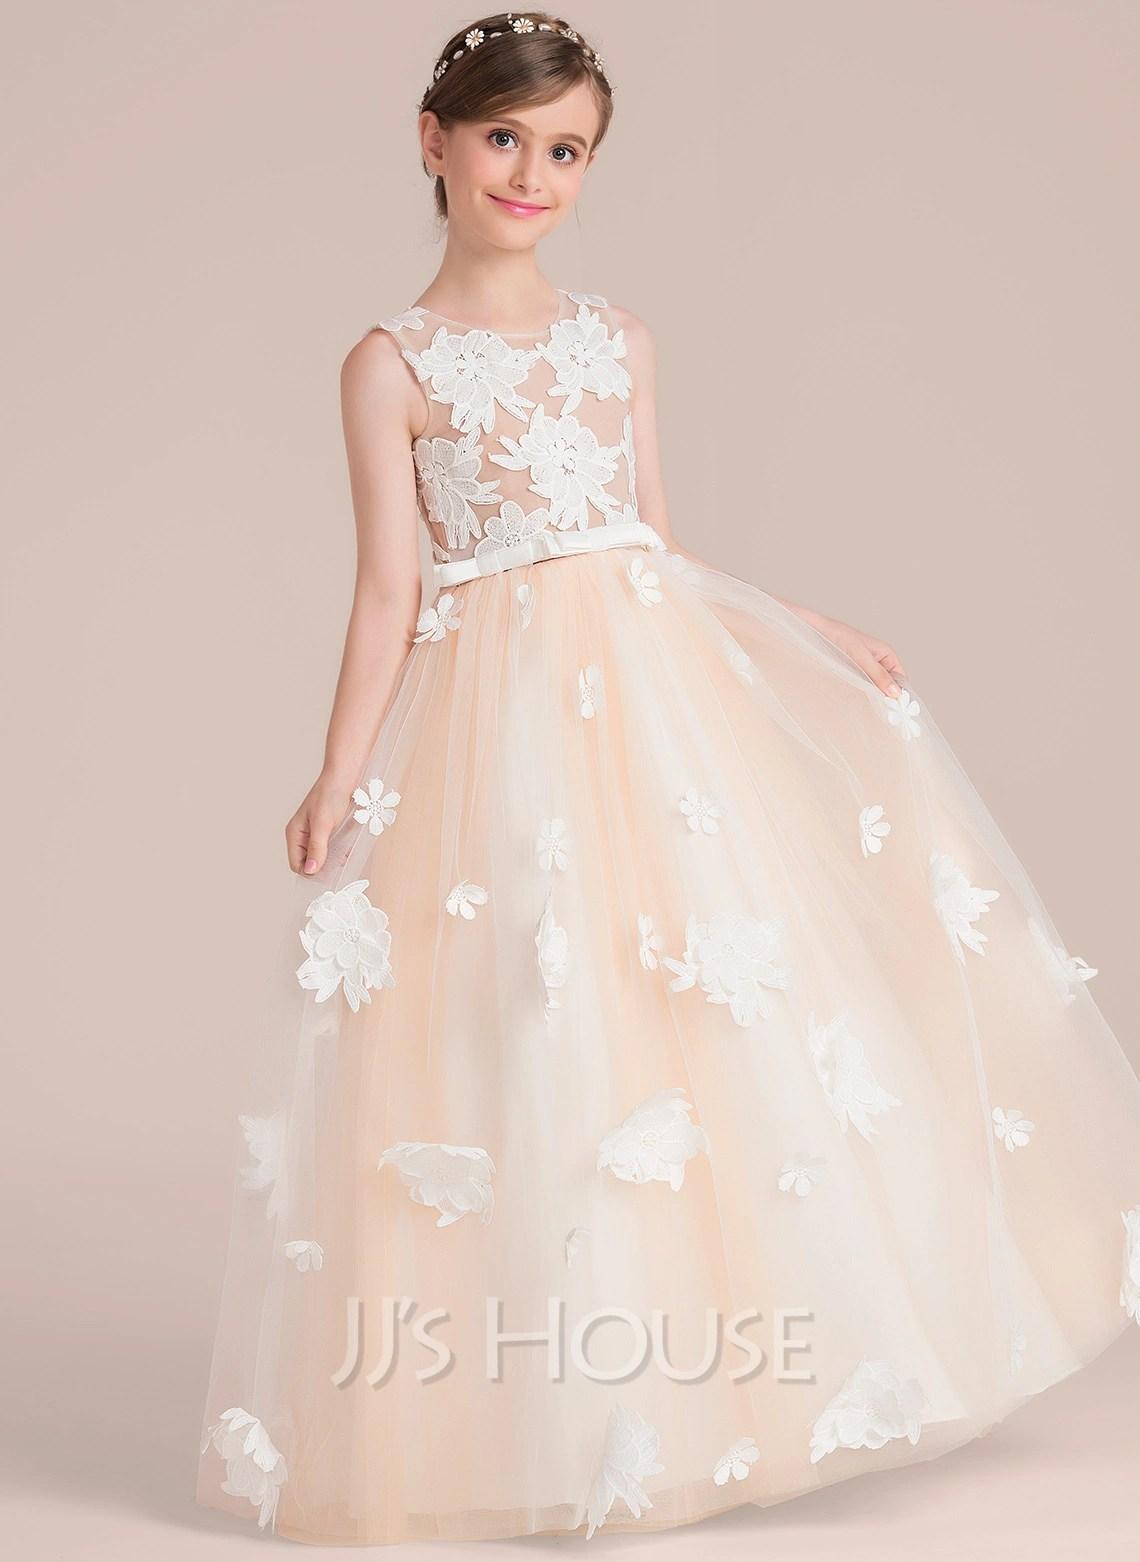 Dainty Ball Gown Flower Girl Dress Loading Zoom Ball Gown Flower Girl Dress Flower Girl Dresses Lace Flower Girl Dresses Amazon wedding dress Flower Girl Dress